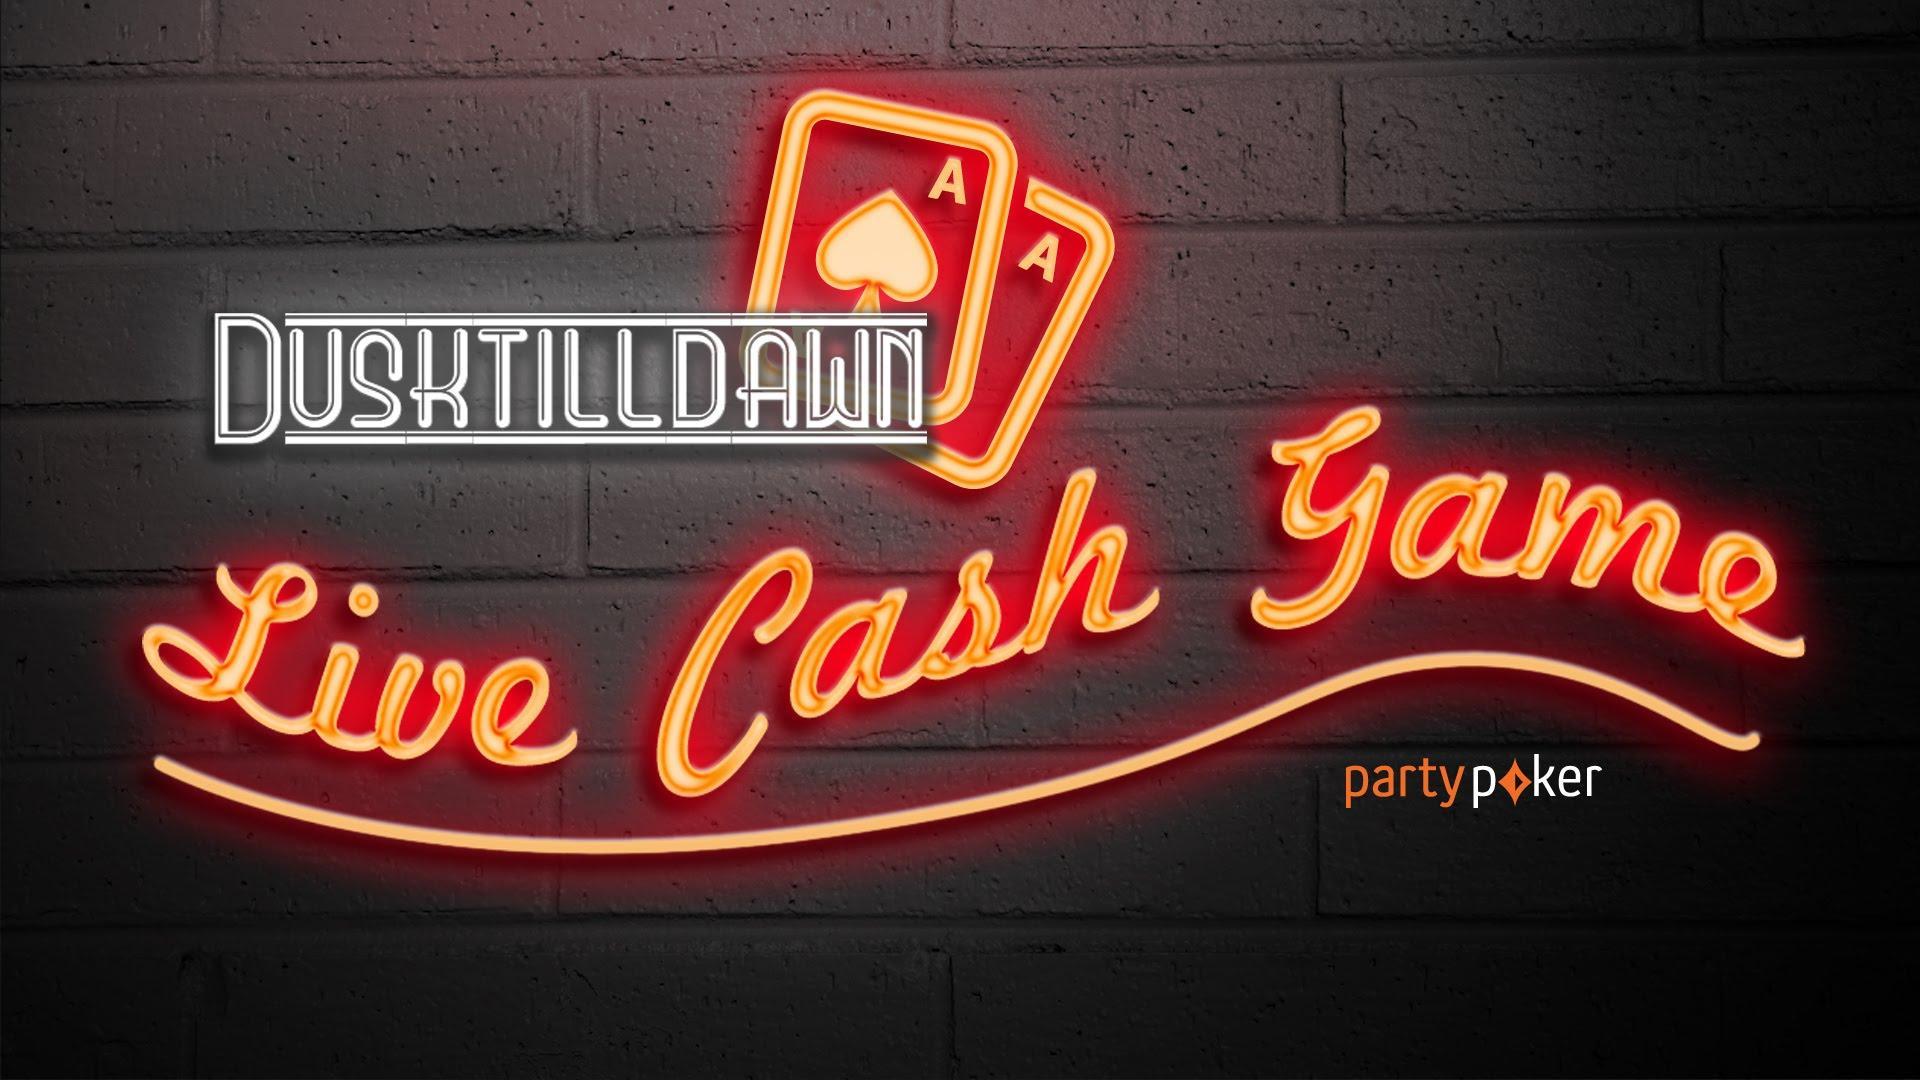 DTD Live Cash Game Weekend - 23rd April 2016